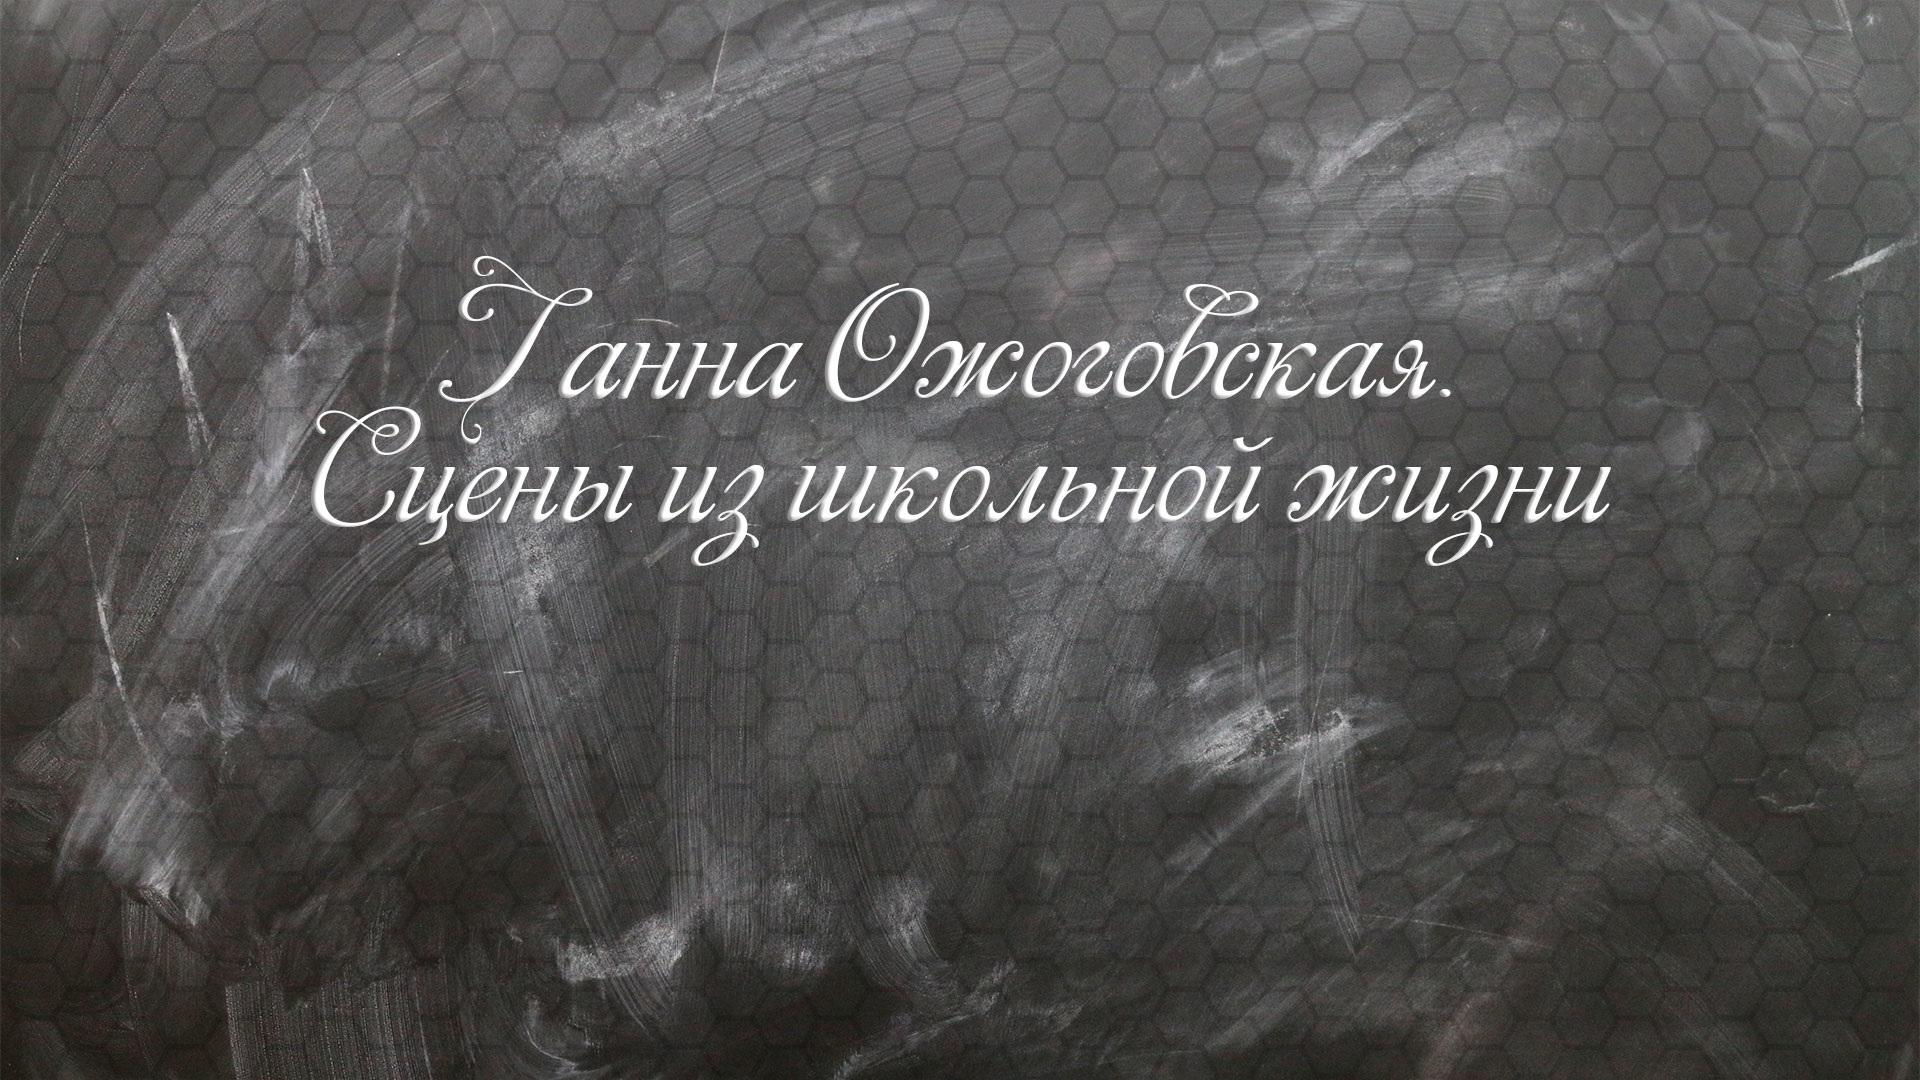 Ганна Ожоговская. Сцены из школьной жизни